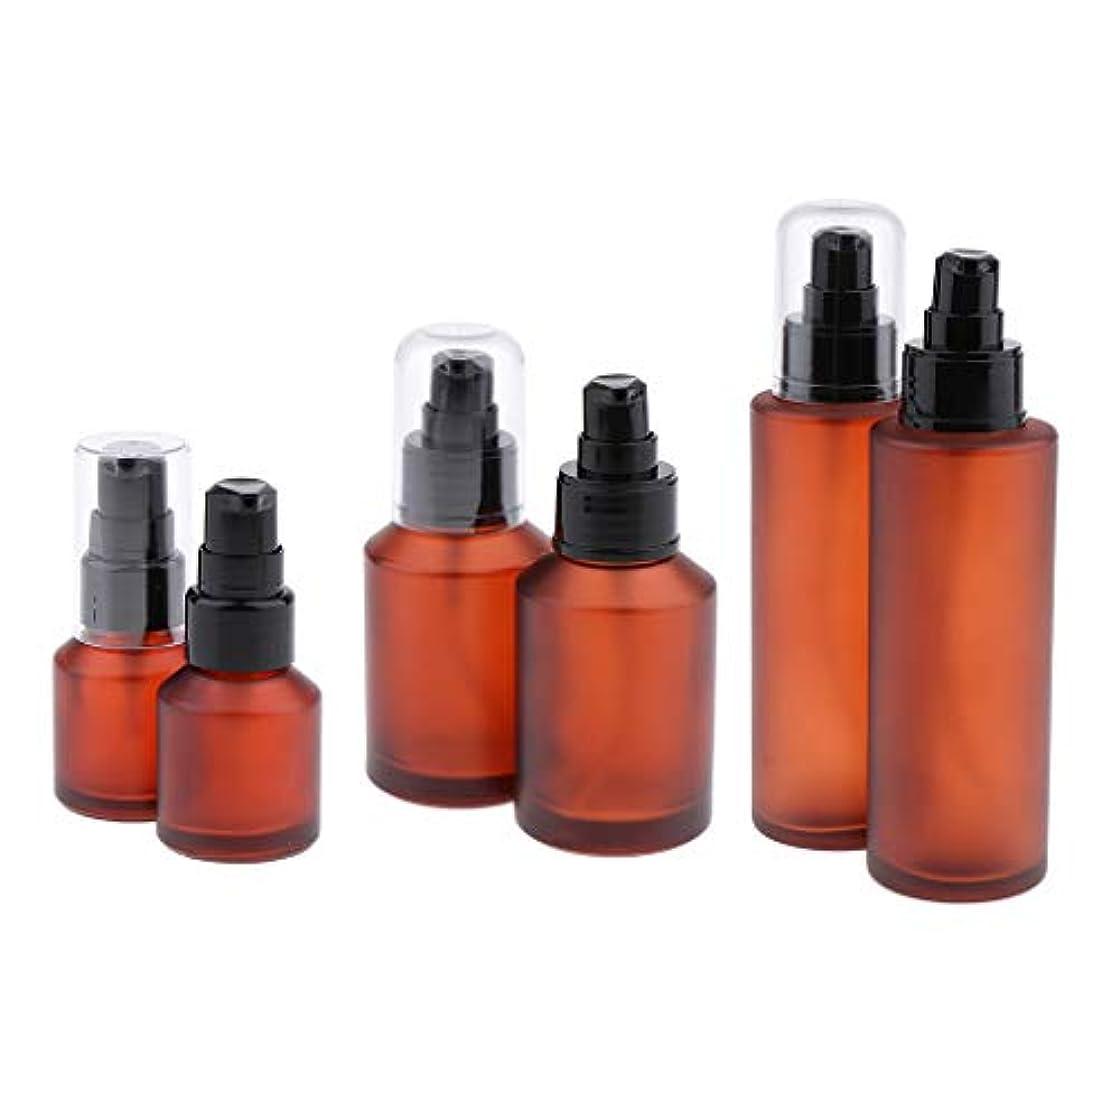 明日追い出すせがむポンプボトル 容器 空 詰め替え式 ガラス瓶 ローションポンプボトル 琥珀色 詰め替え可能 漏れ防止